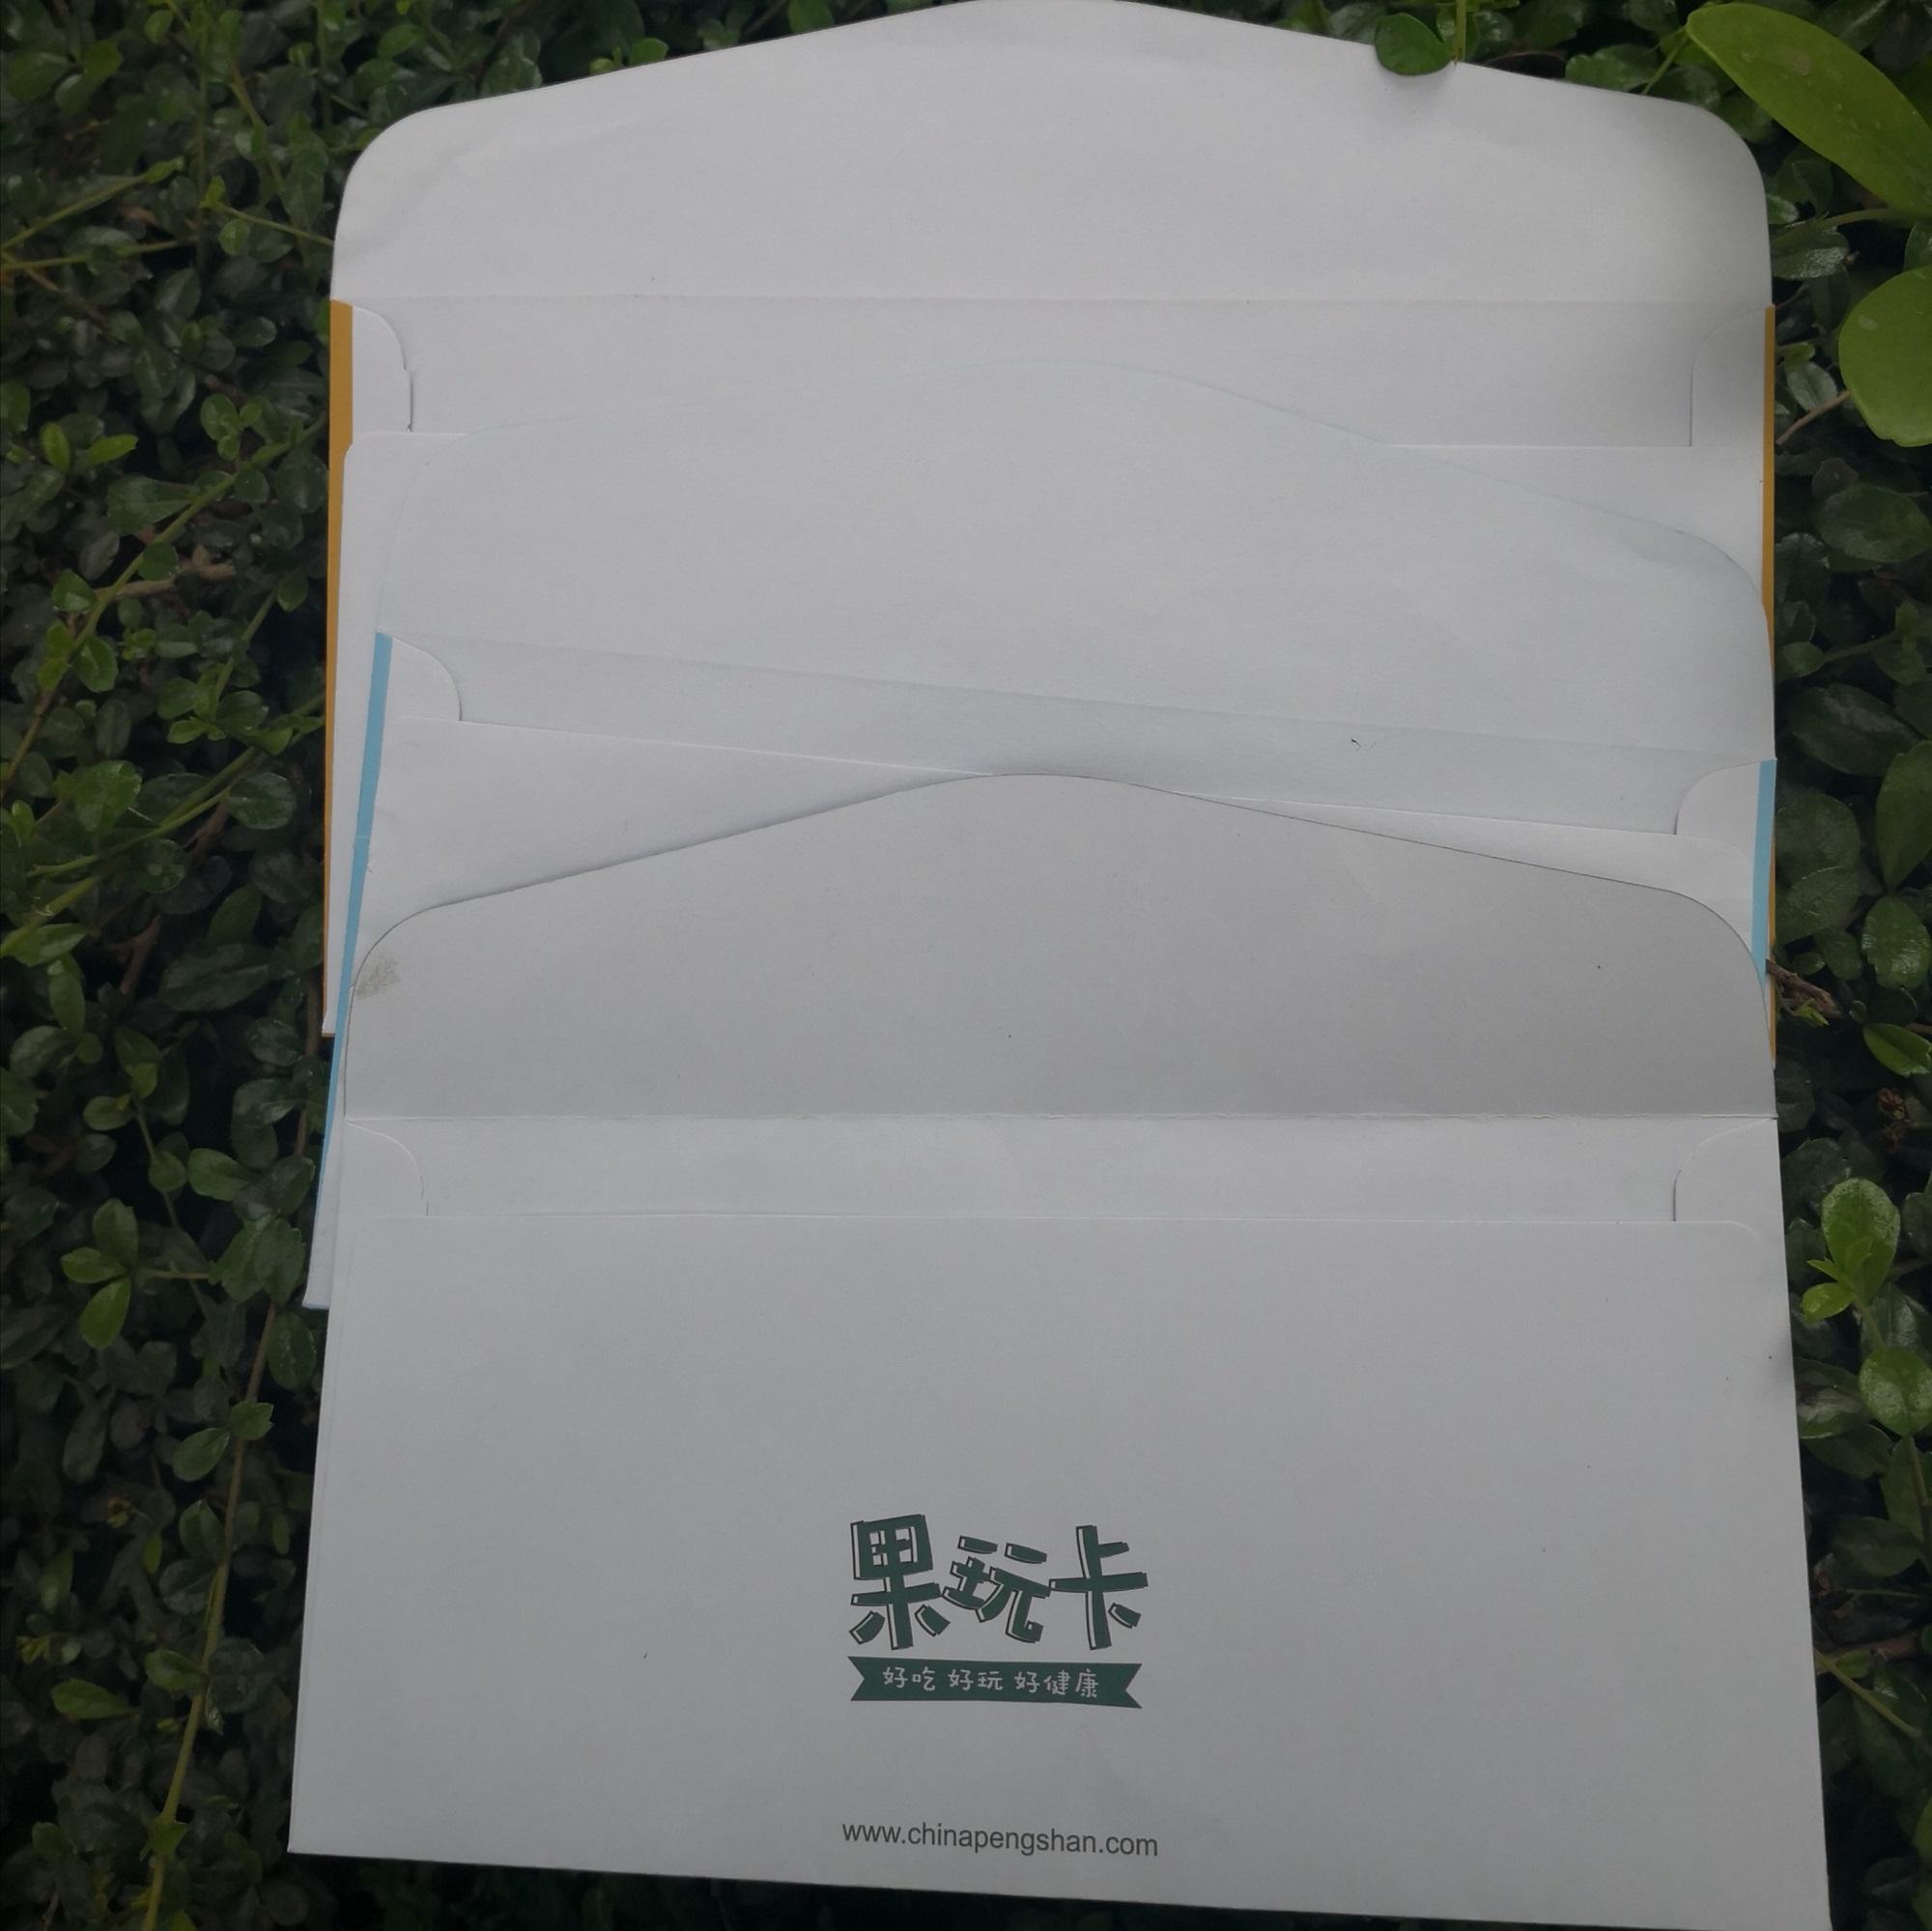 长春书纸信封定做牛皮纸档案档印刷公司厂家直销价格优惠